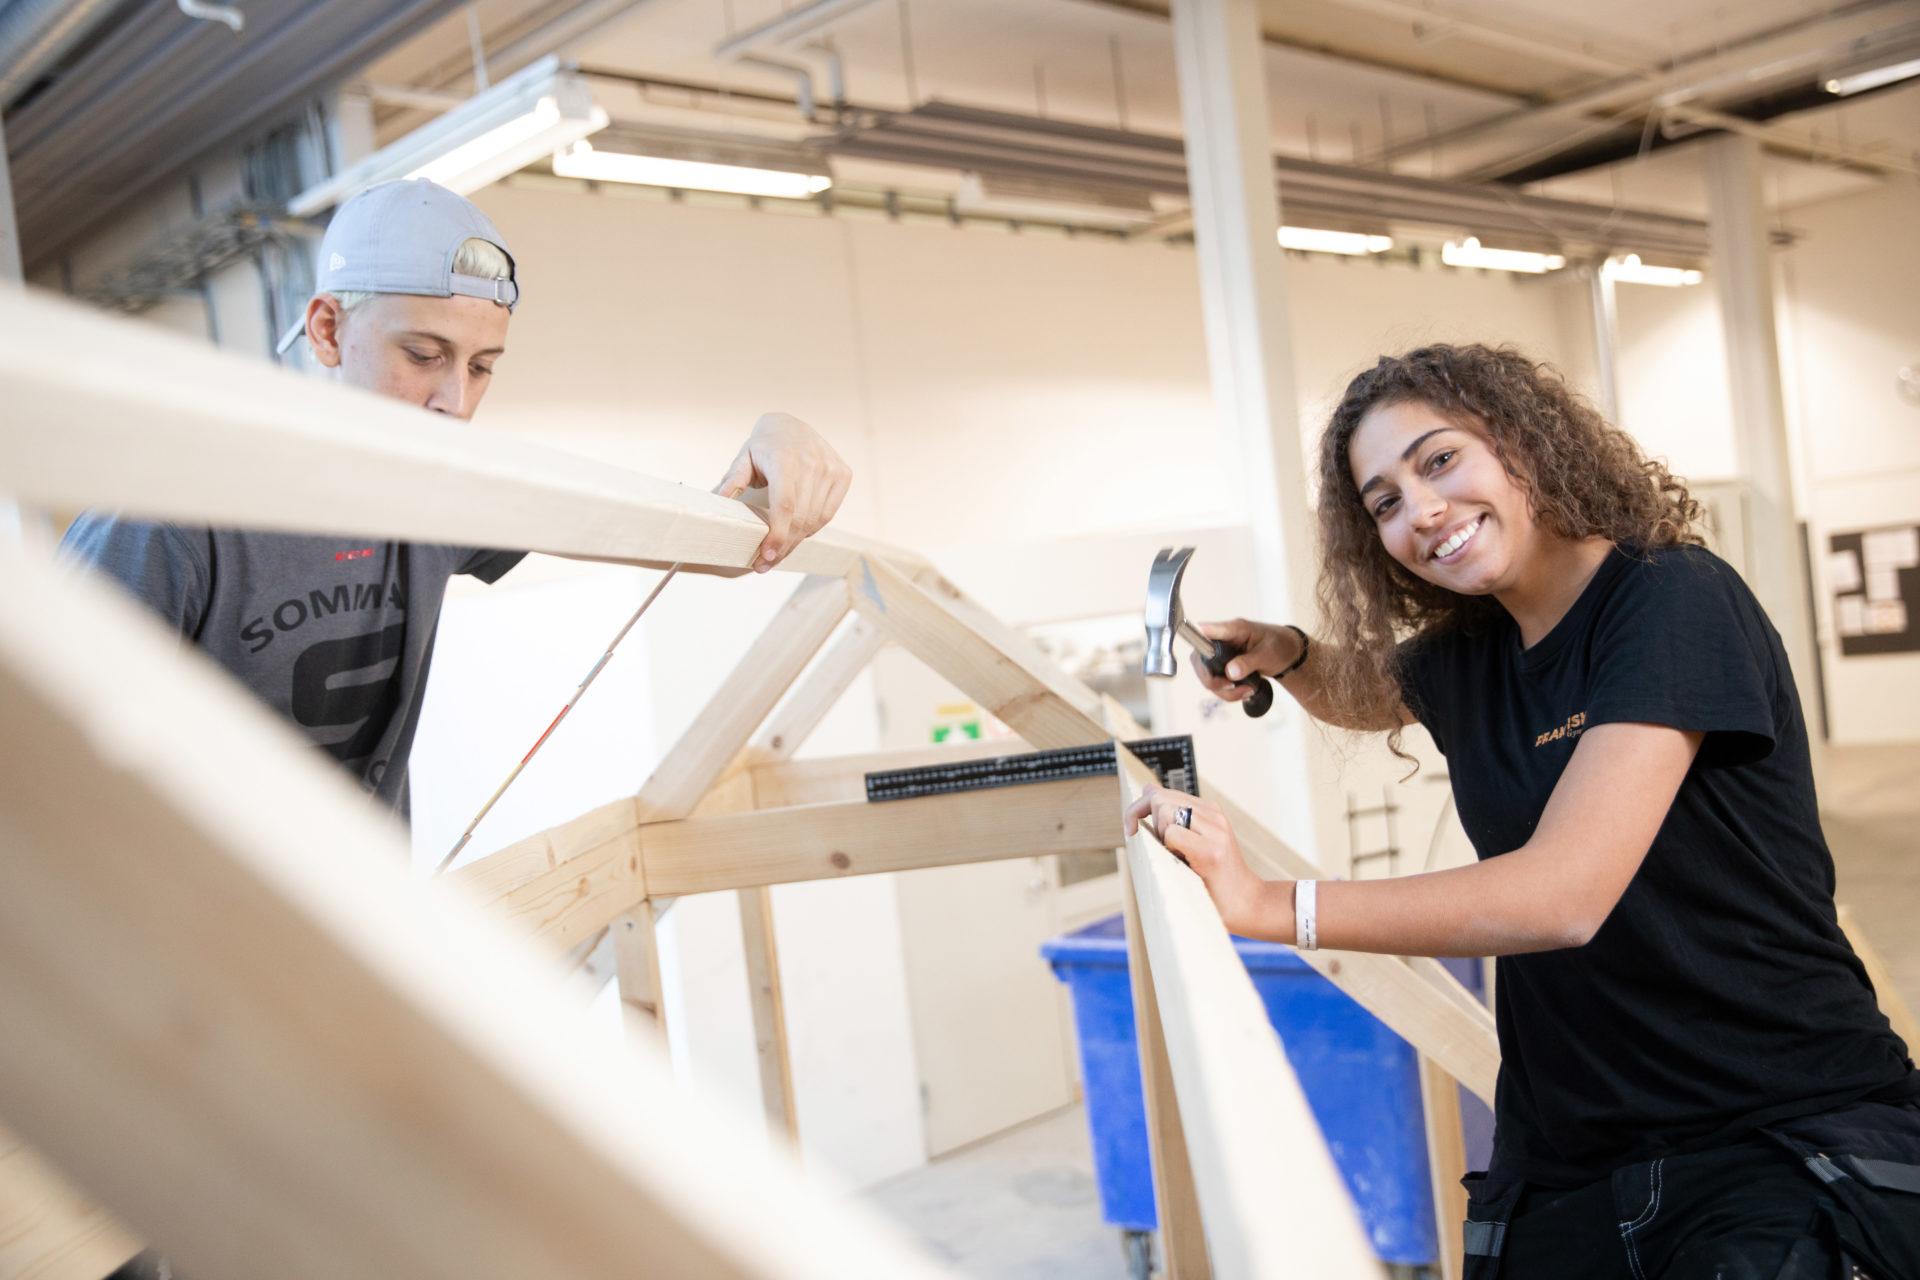 Två elever bygger, en elev ler framför kameran.